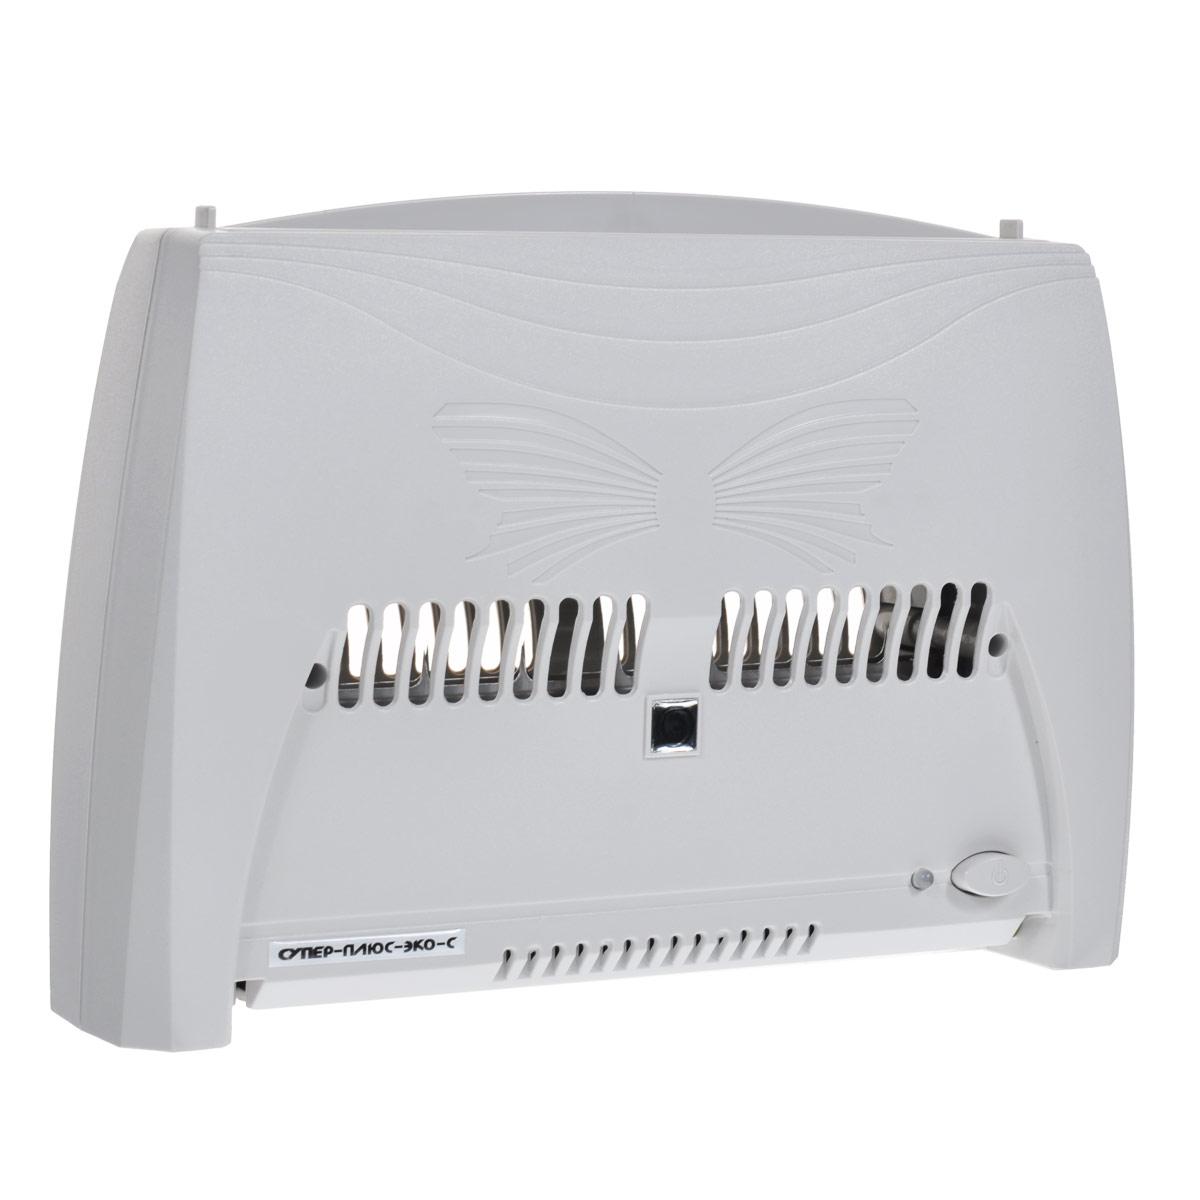 Супер Плюс Эко-С, Silver очиститель-ионизатор воздуха цена и фото